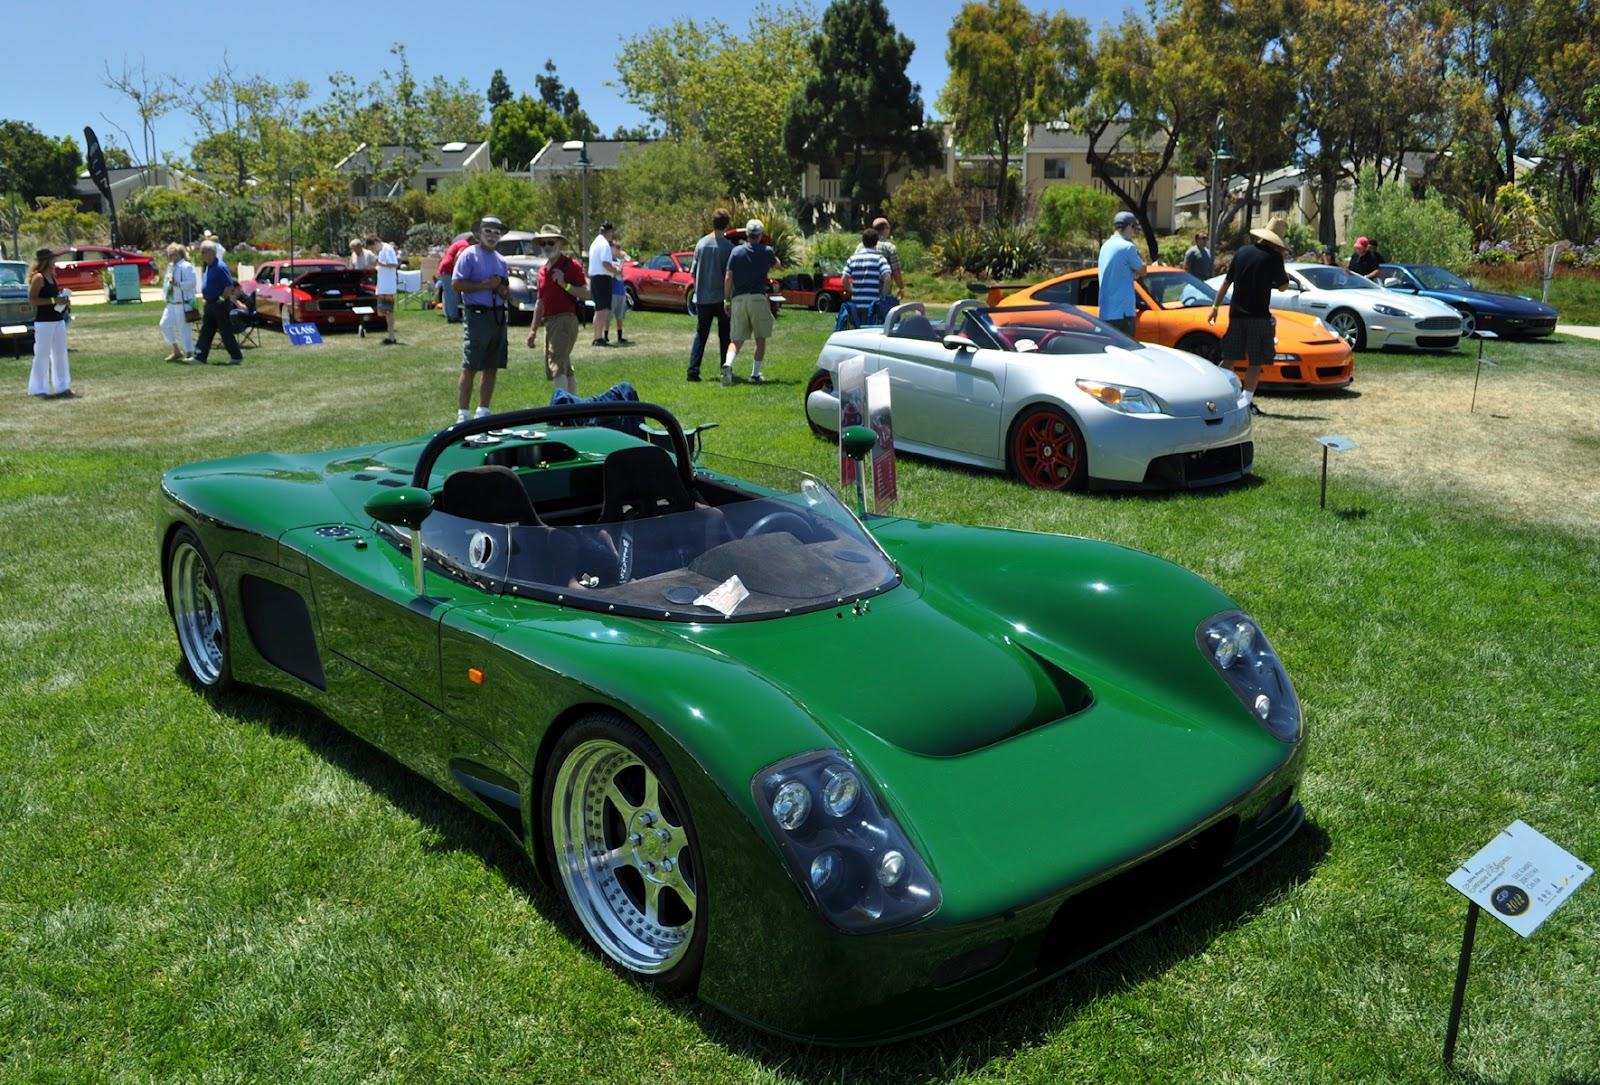 2000 Ultima GTR | | SuperCars.net